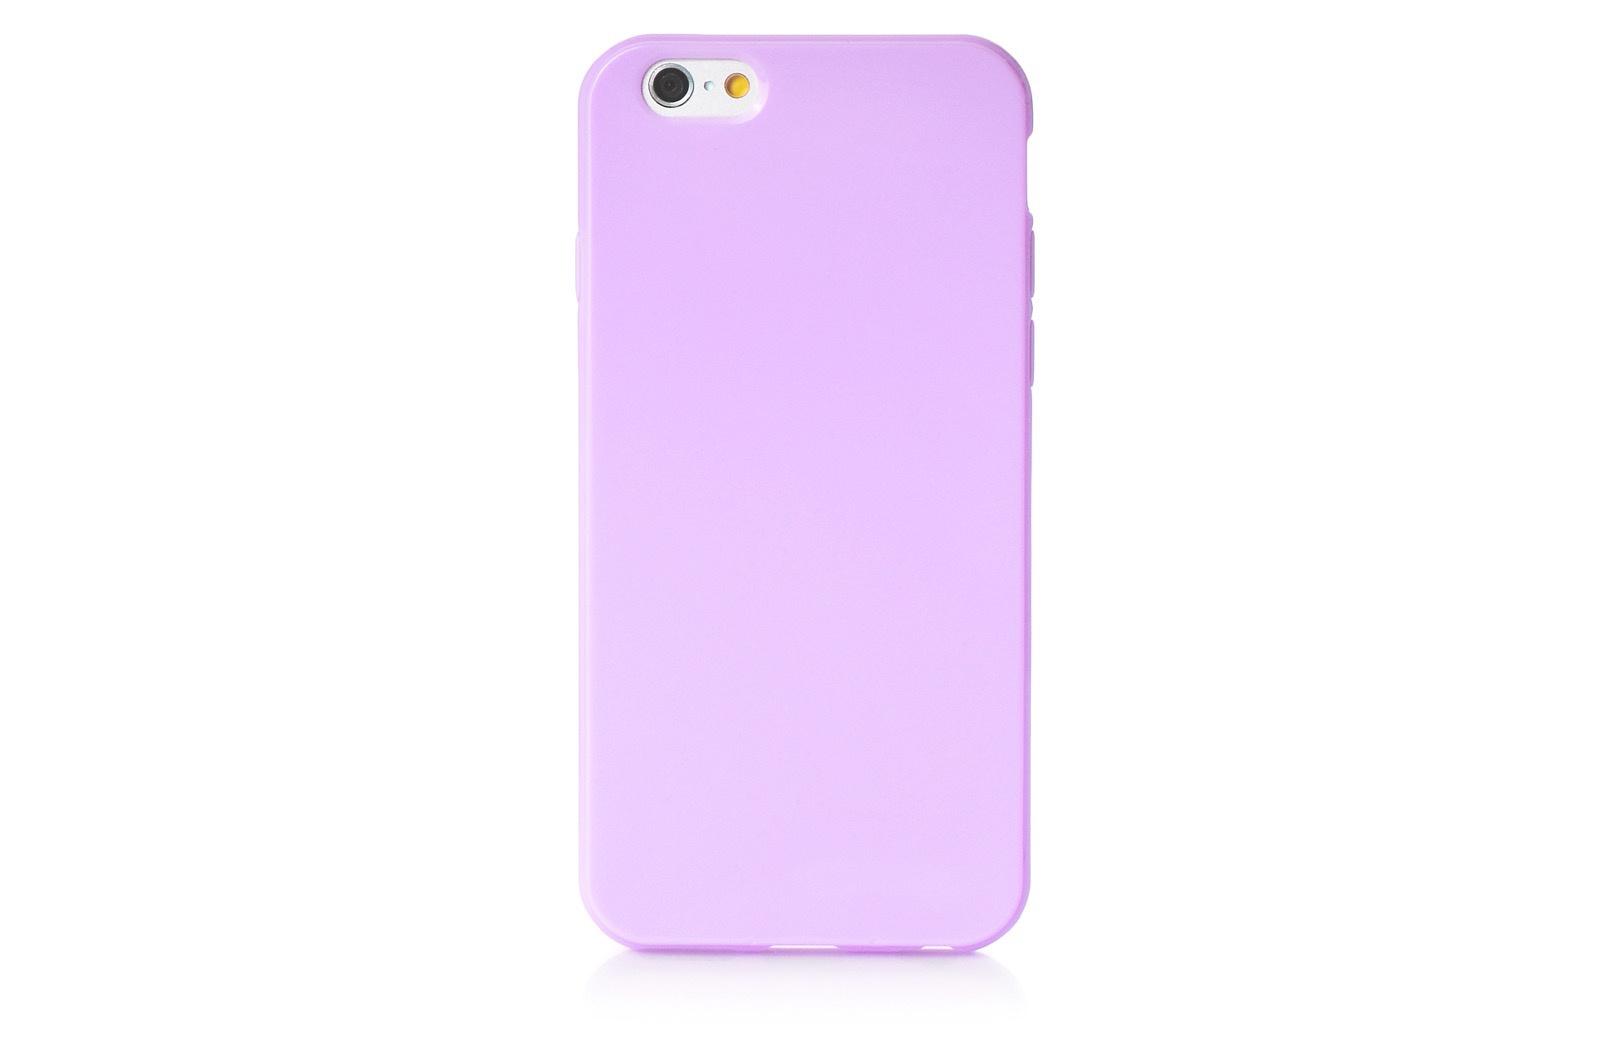 """Чехол для сотового телефона iNeez накладка силикон мыльница 620215 для Apple Iphone 6 Plus/6S Plus 5.5"""", сиреневый"""